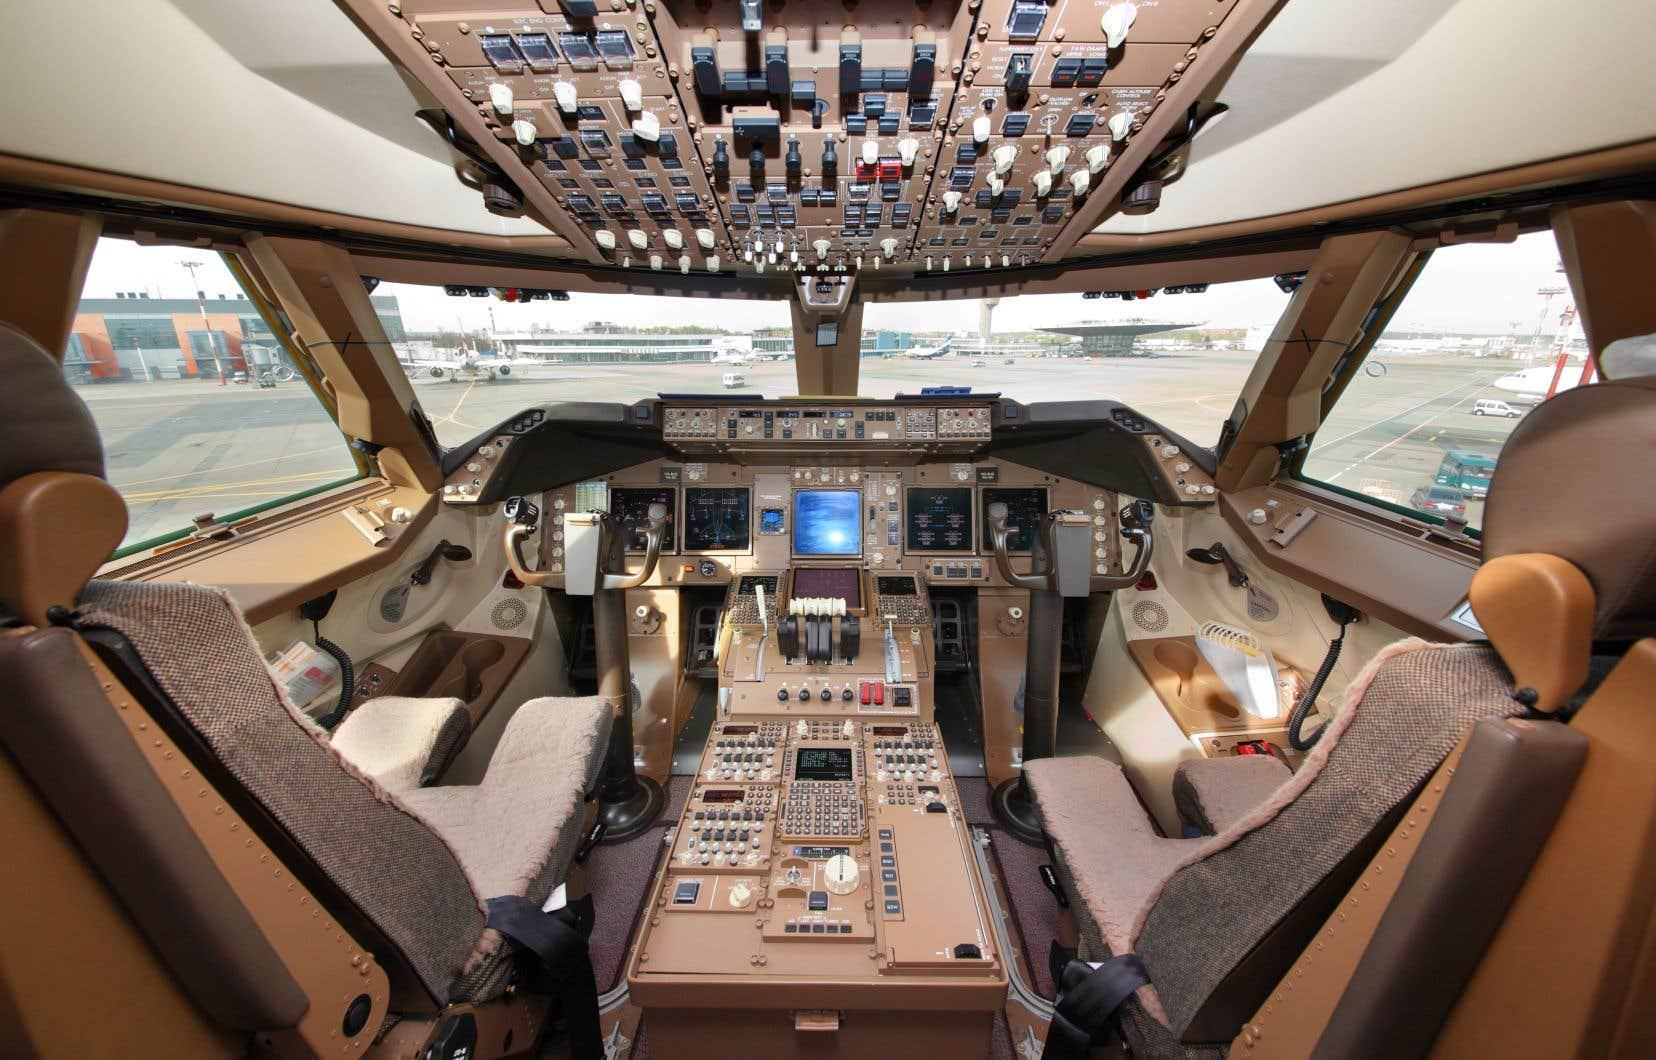 CMC Électronique offre ses services, entre autres, dans l'intégration de poste de pilotage, dont celui de certains Boeing 747.